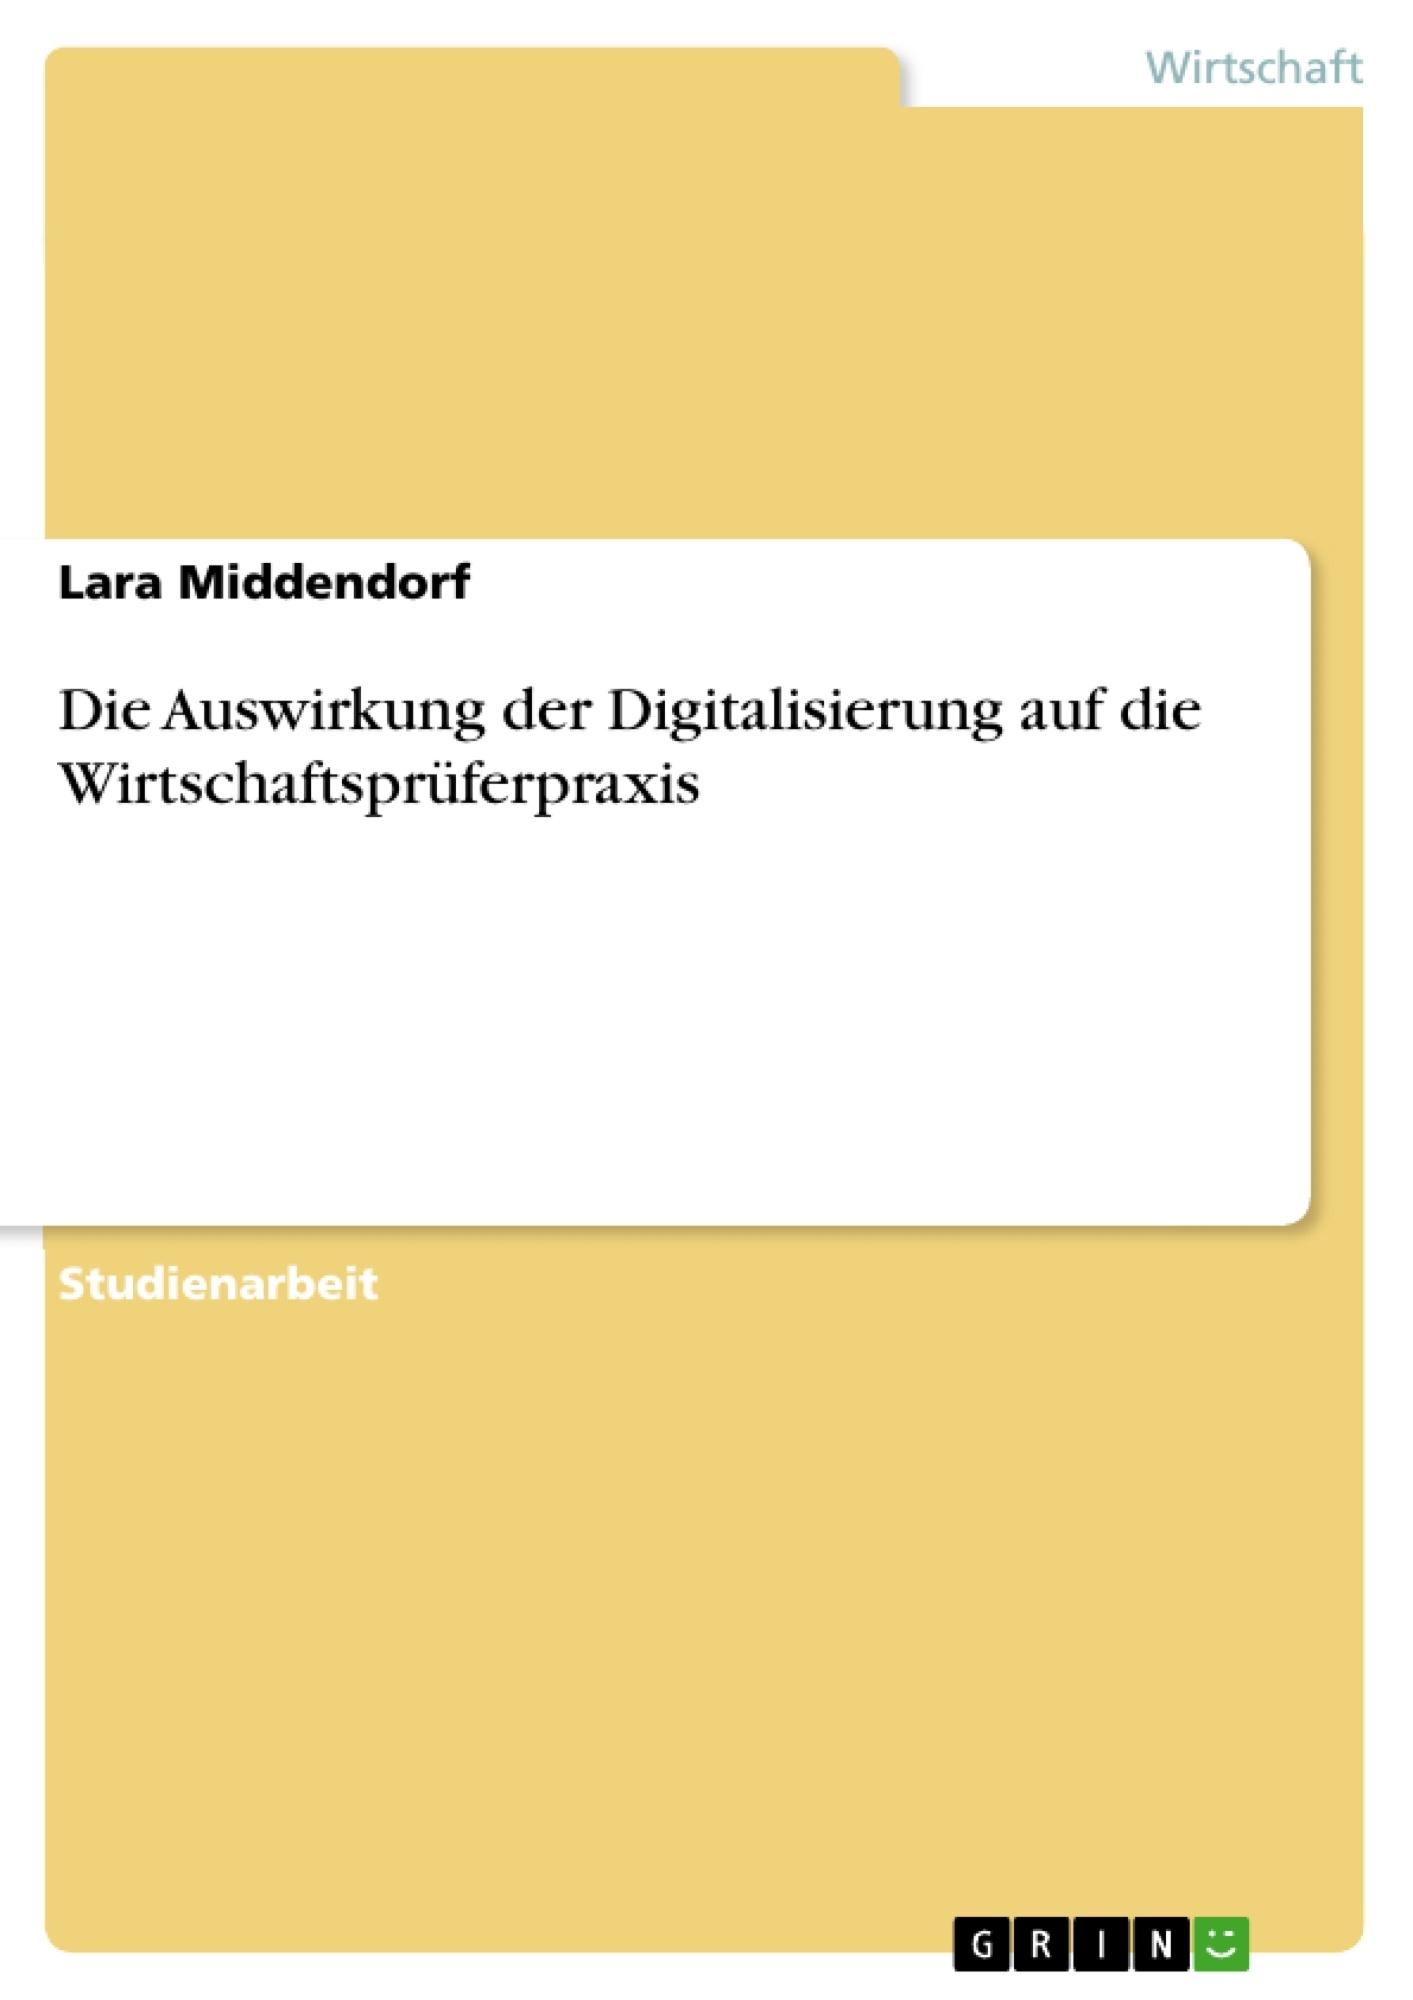 Titel: Die Auswirkung der Digitalisierung auf die Wirtschaftsprüferpraxis